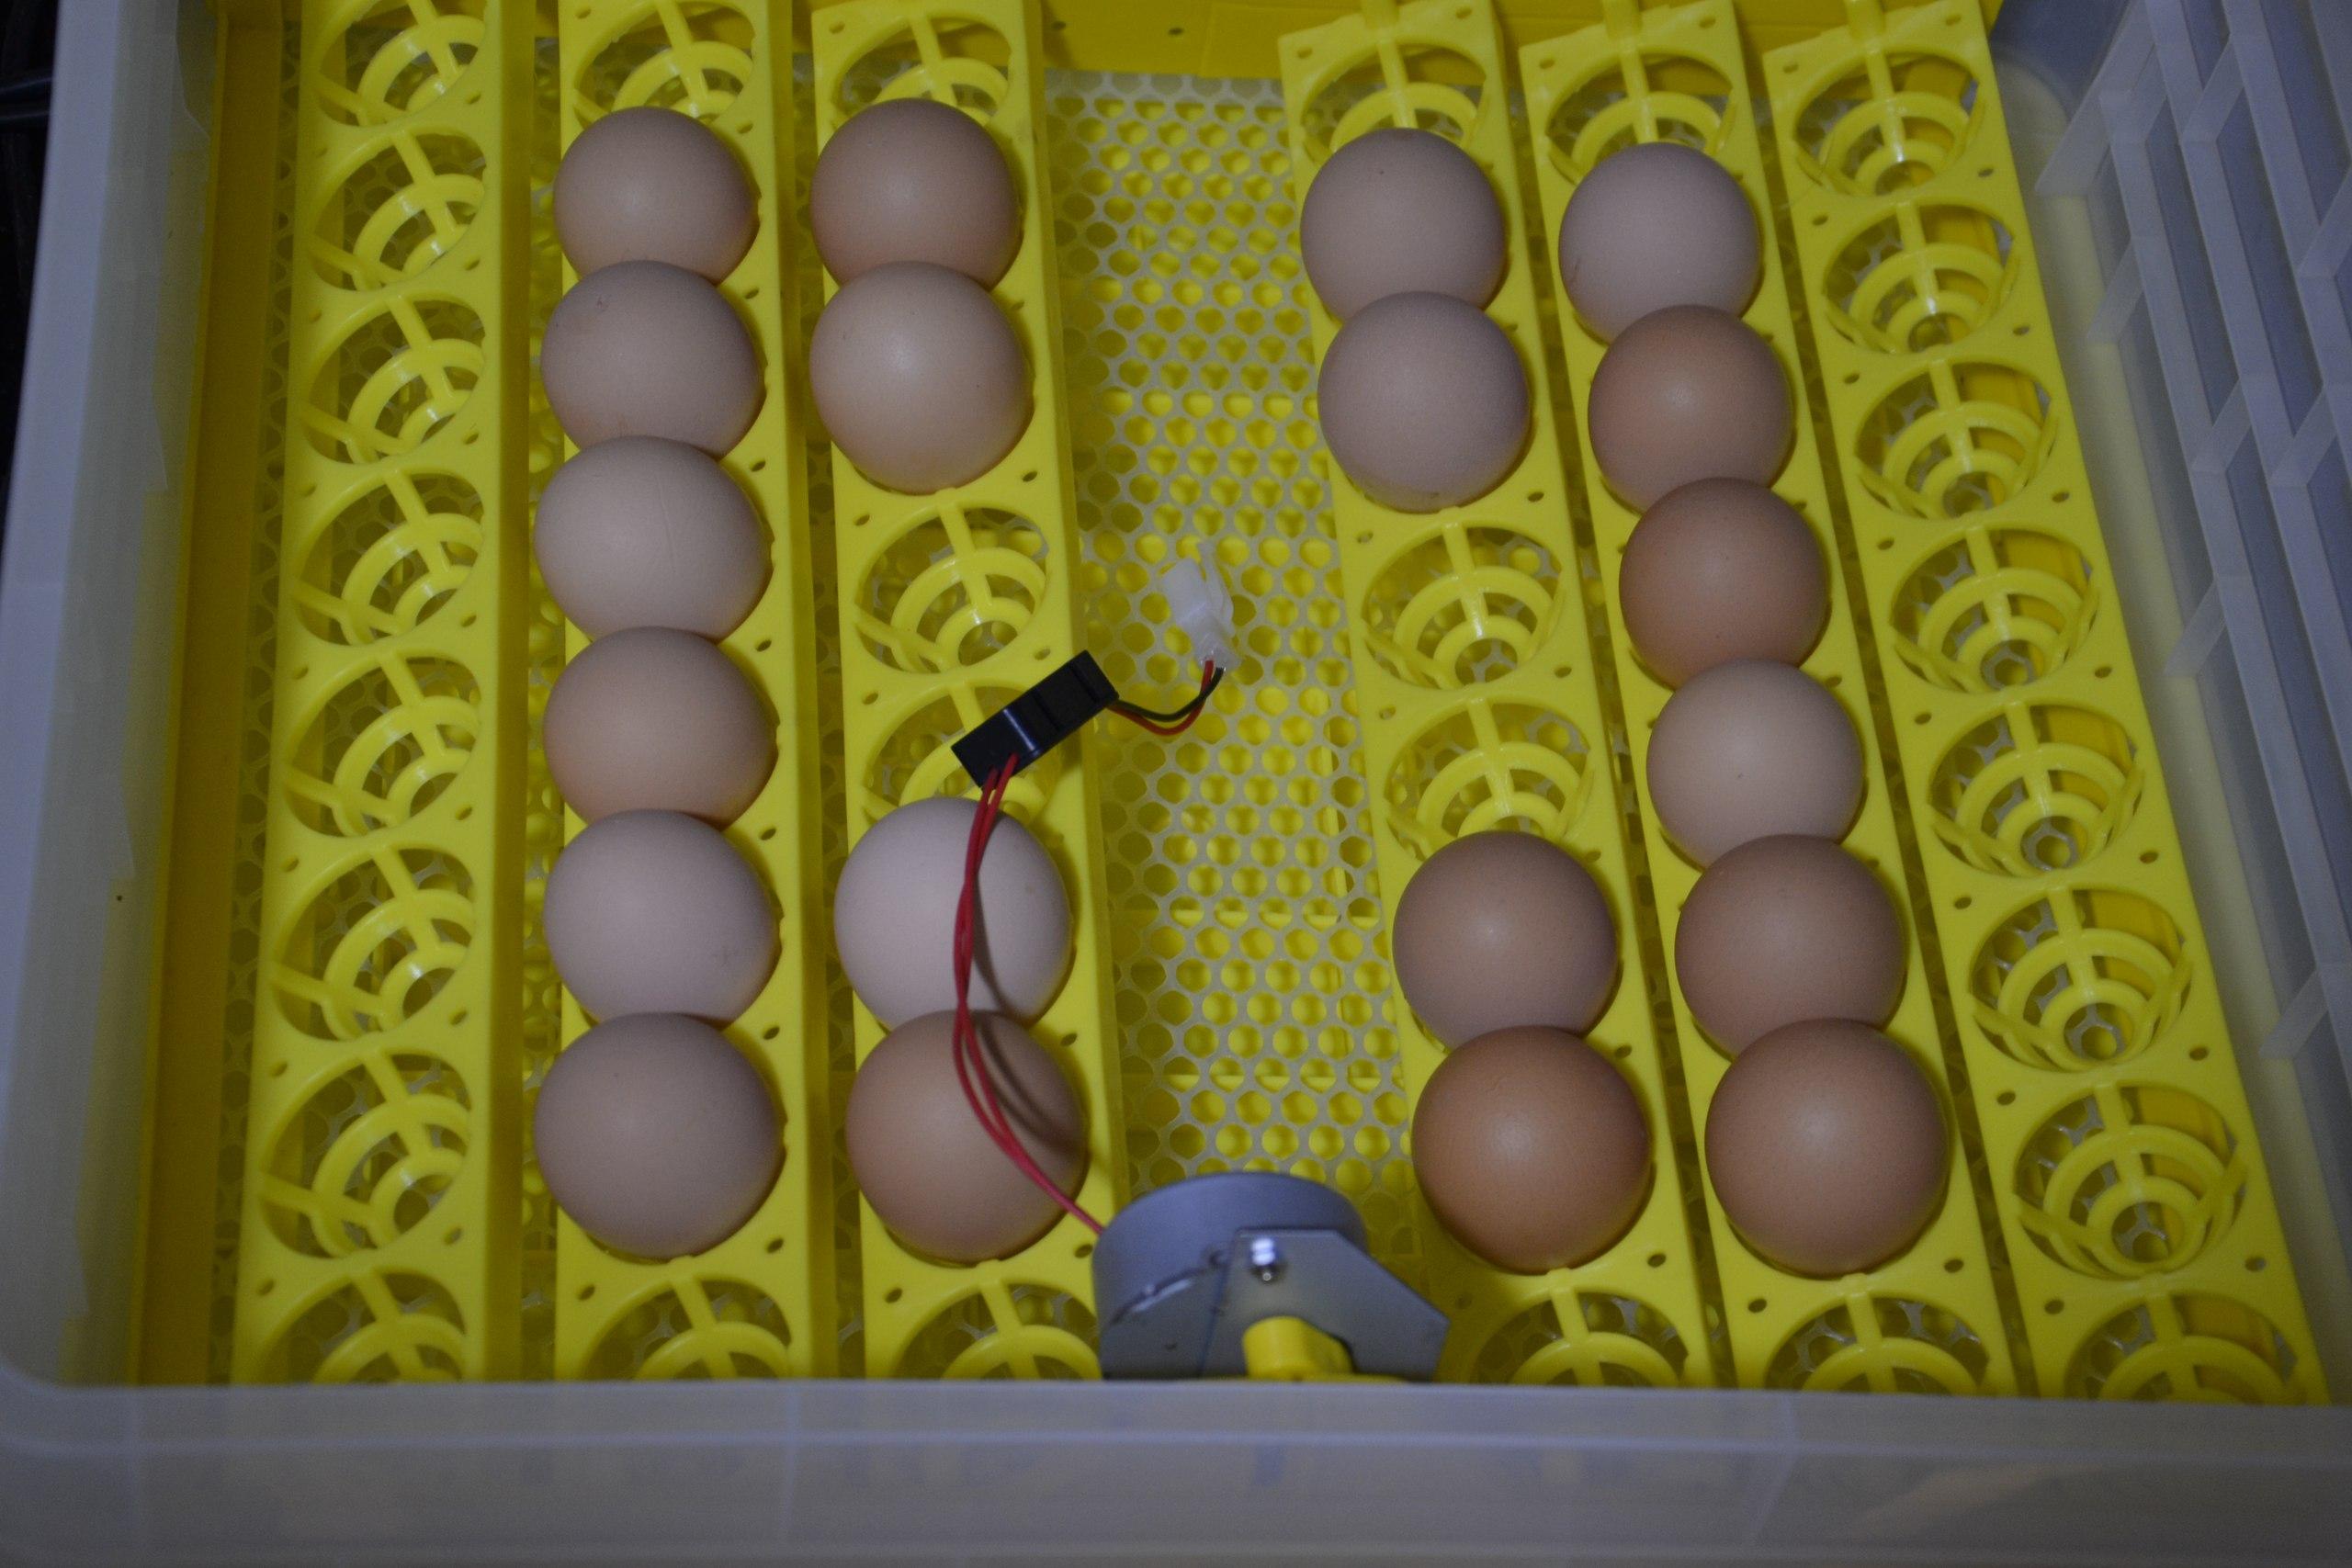 РАсположение яиц в инкубаторе И-96